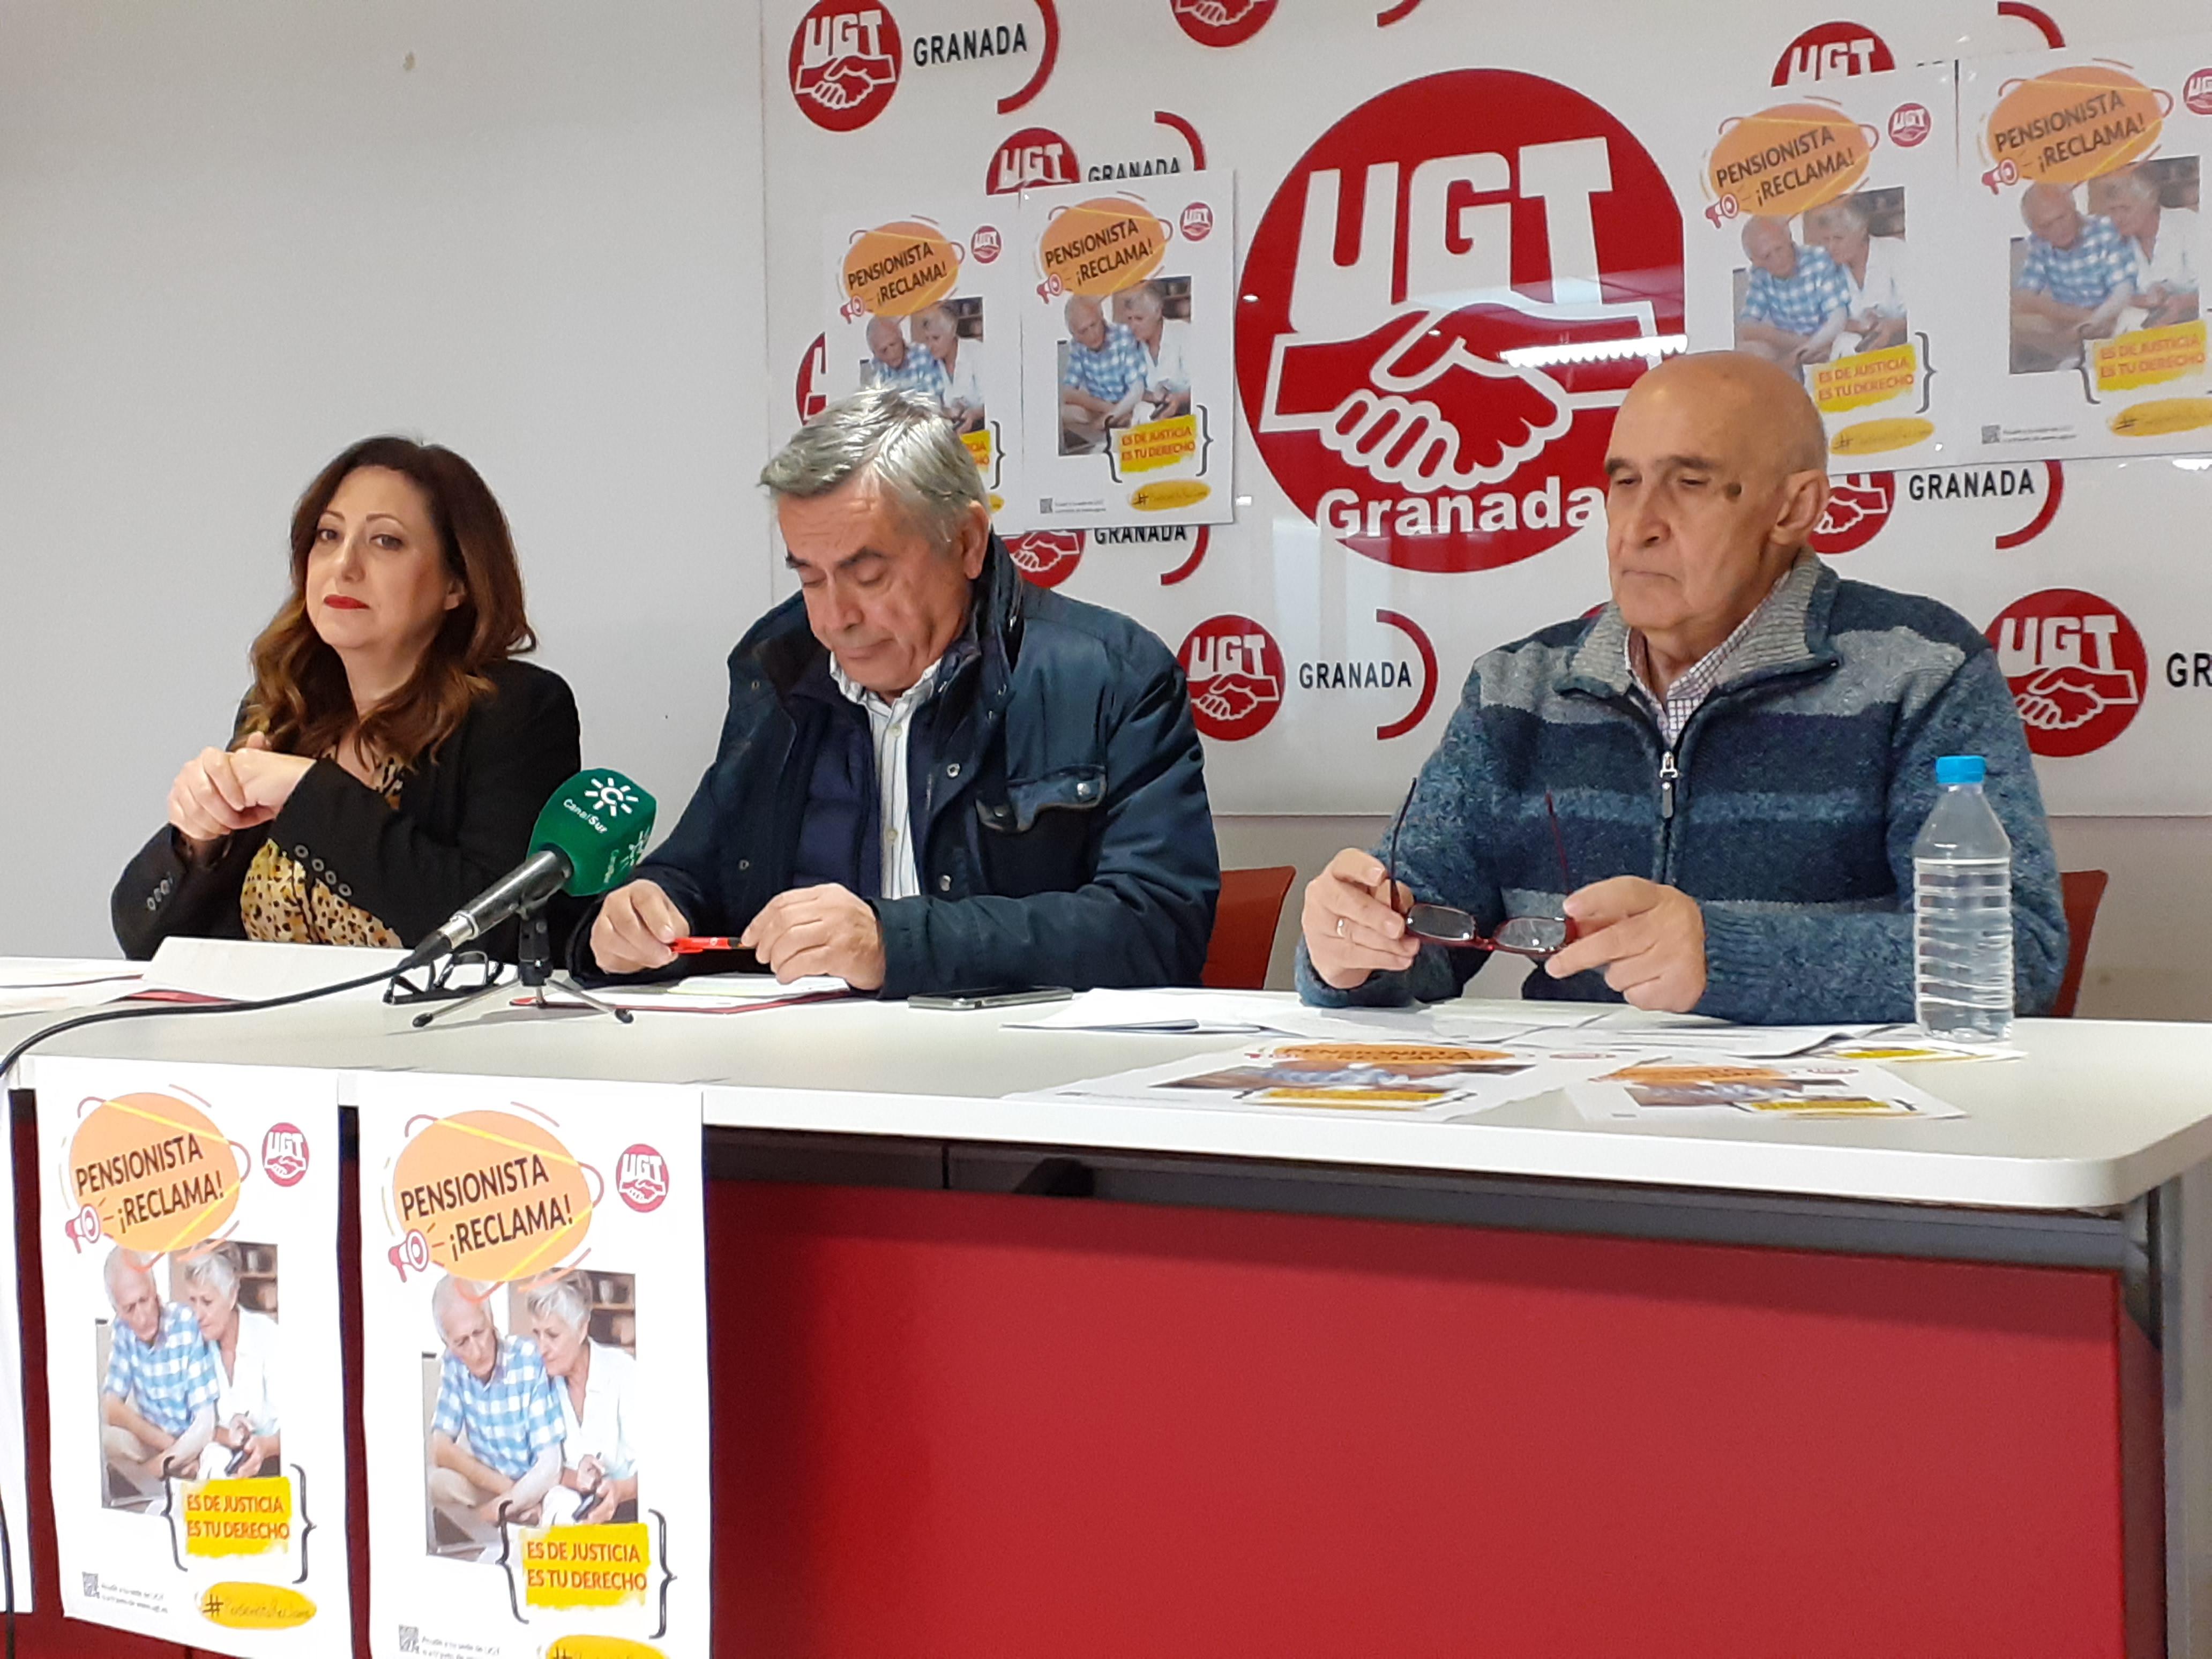 El número de personas desempleadas sube enGranada, llegando a las 83.150